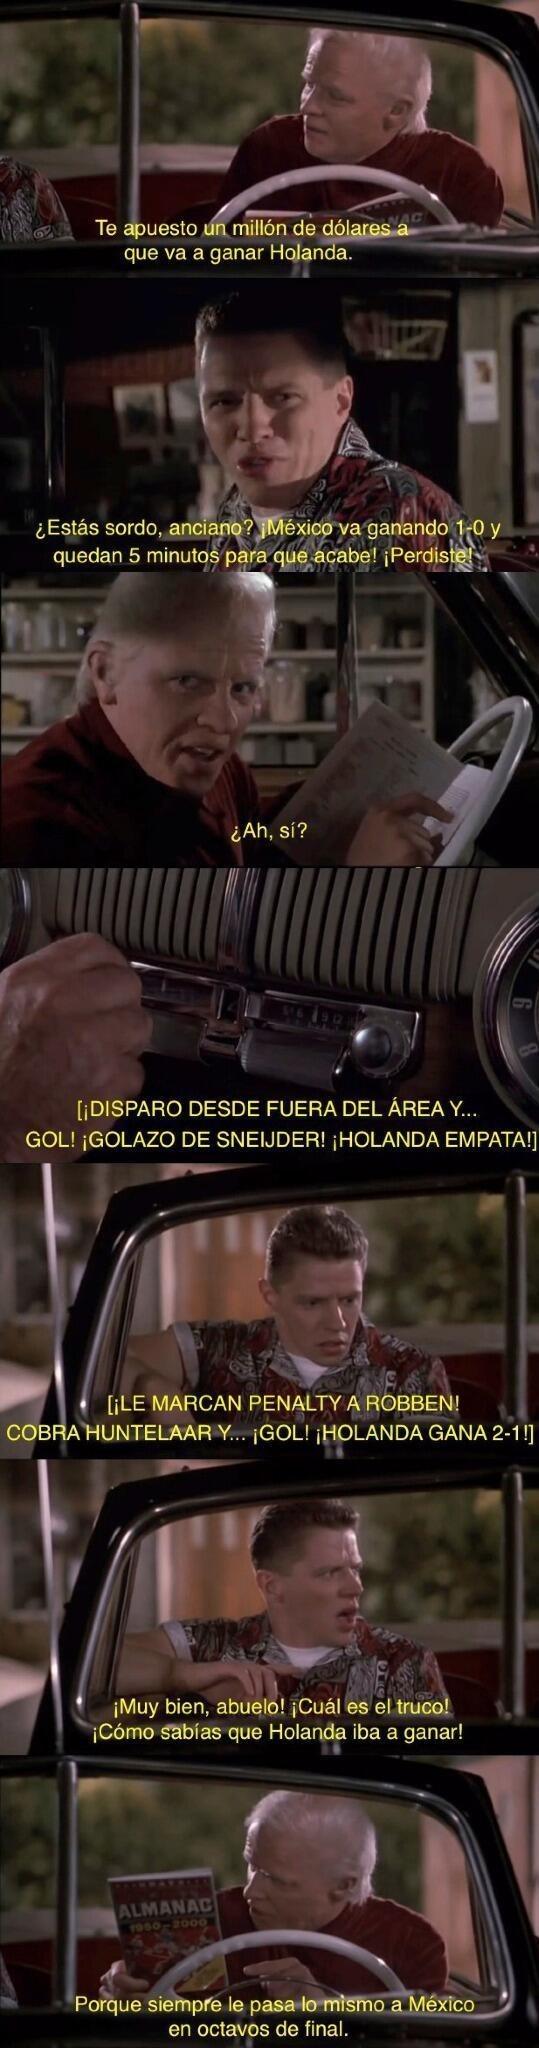 mexico holanda